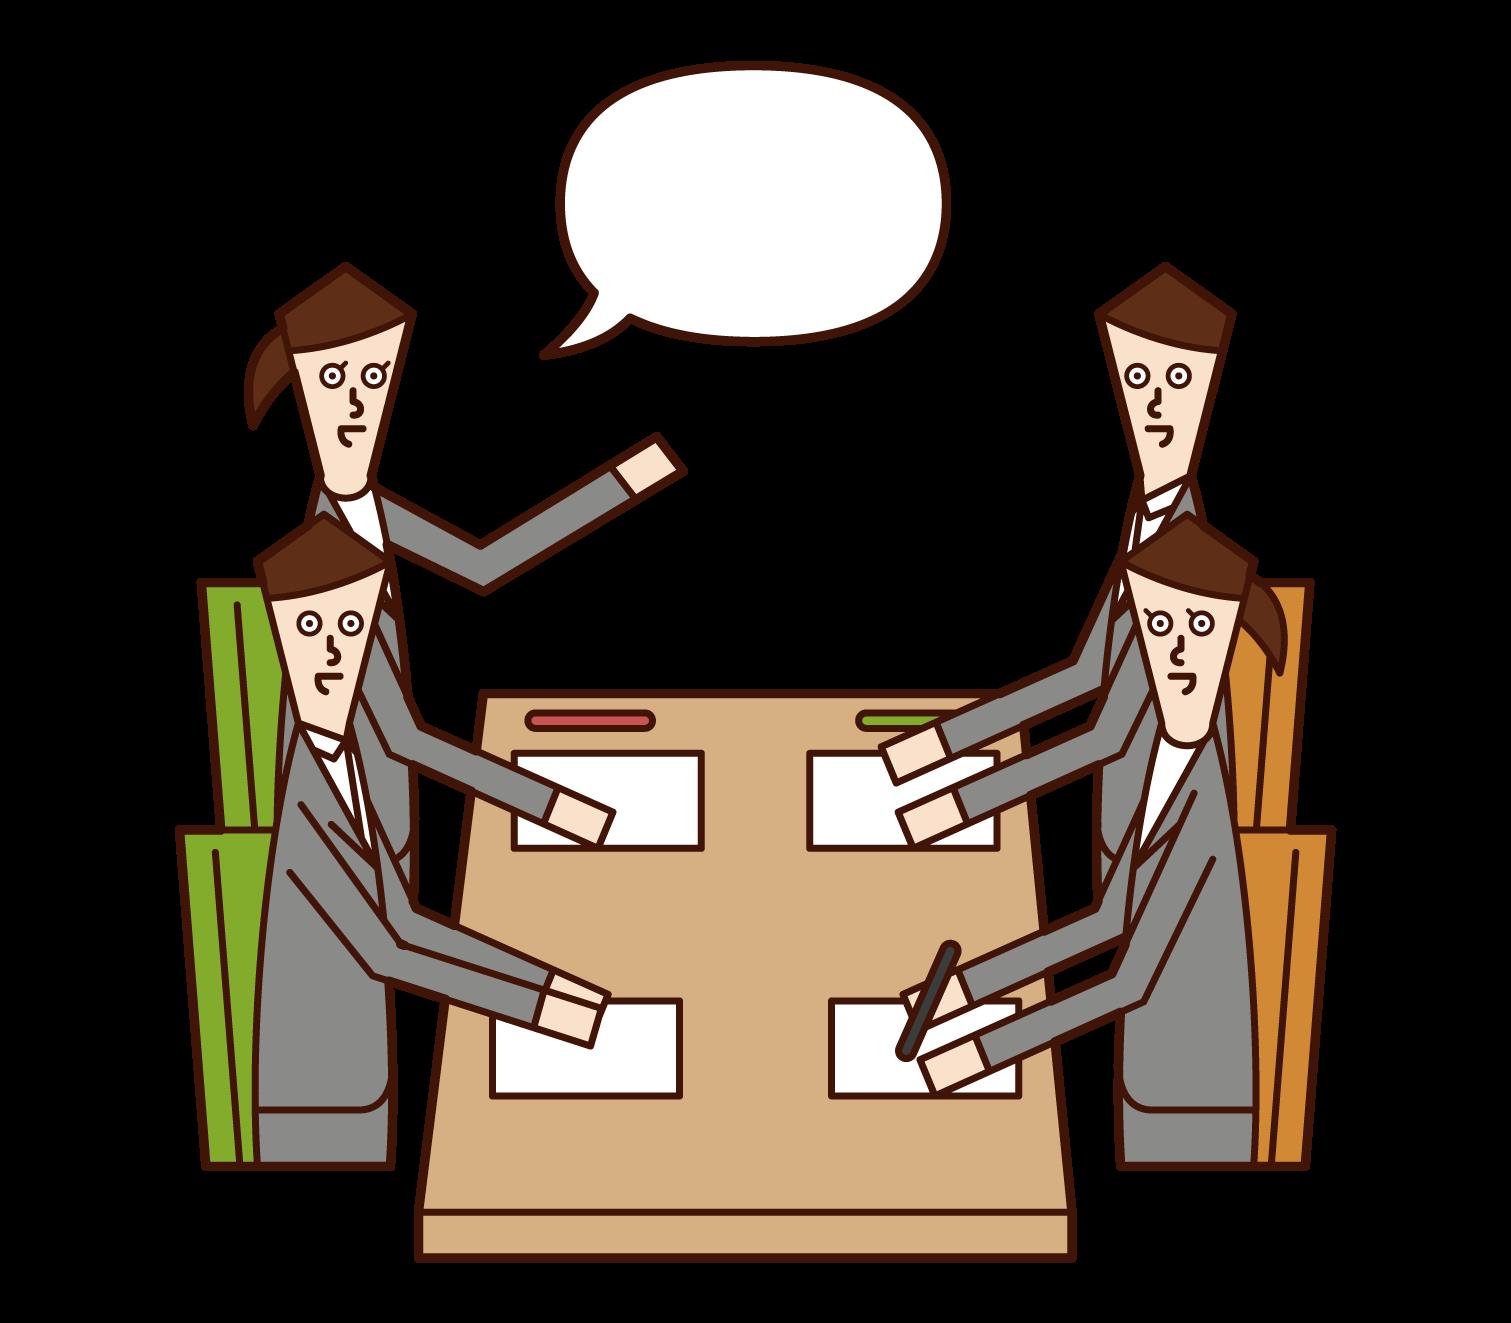 会議で提案する人(女性)のイラスト